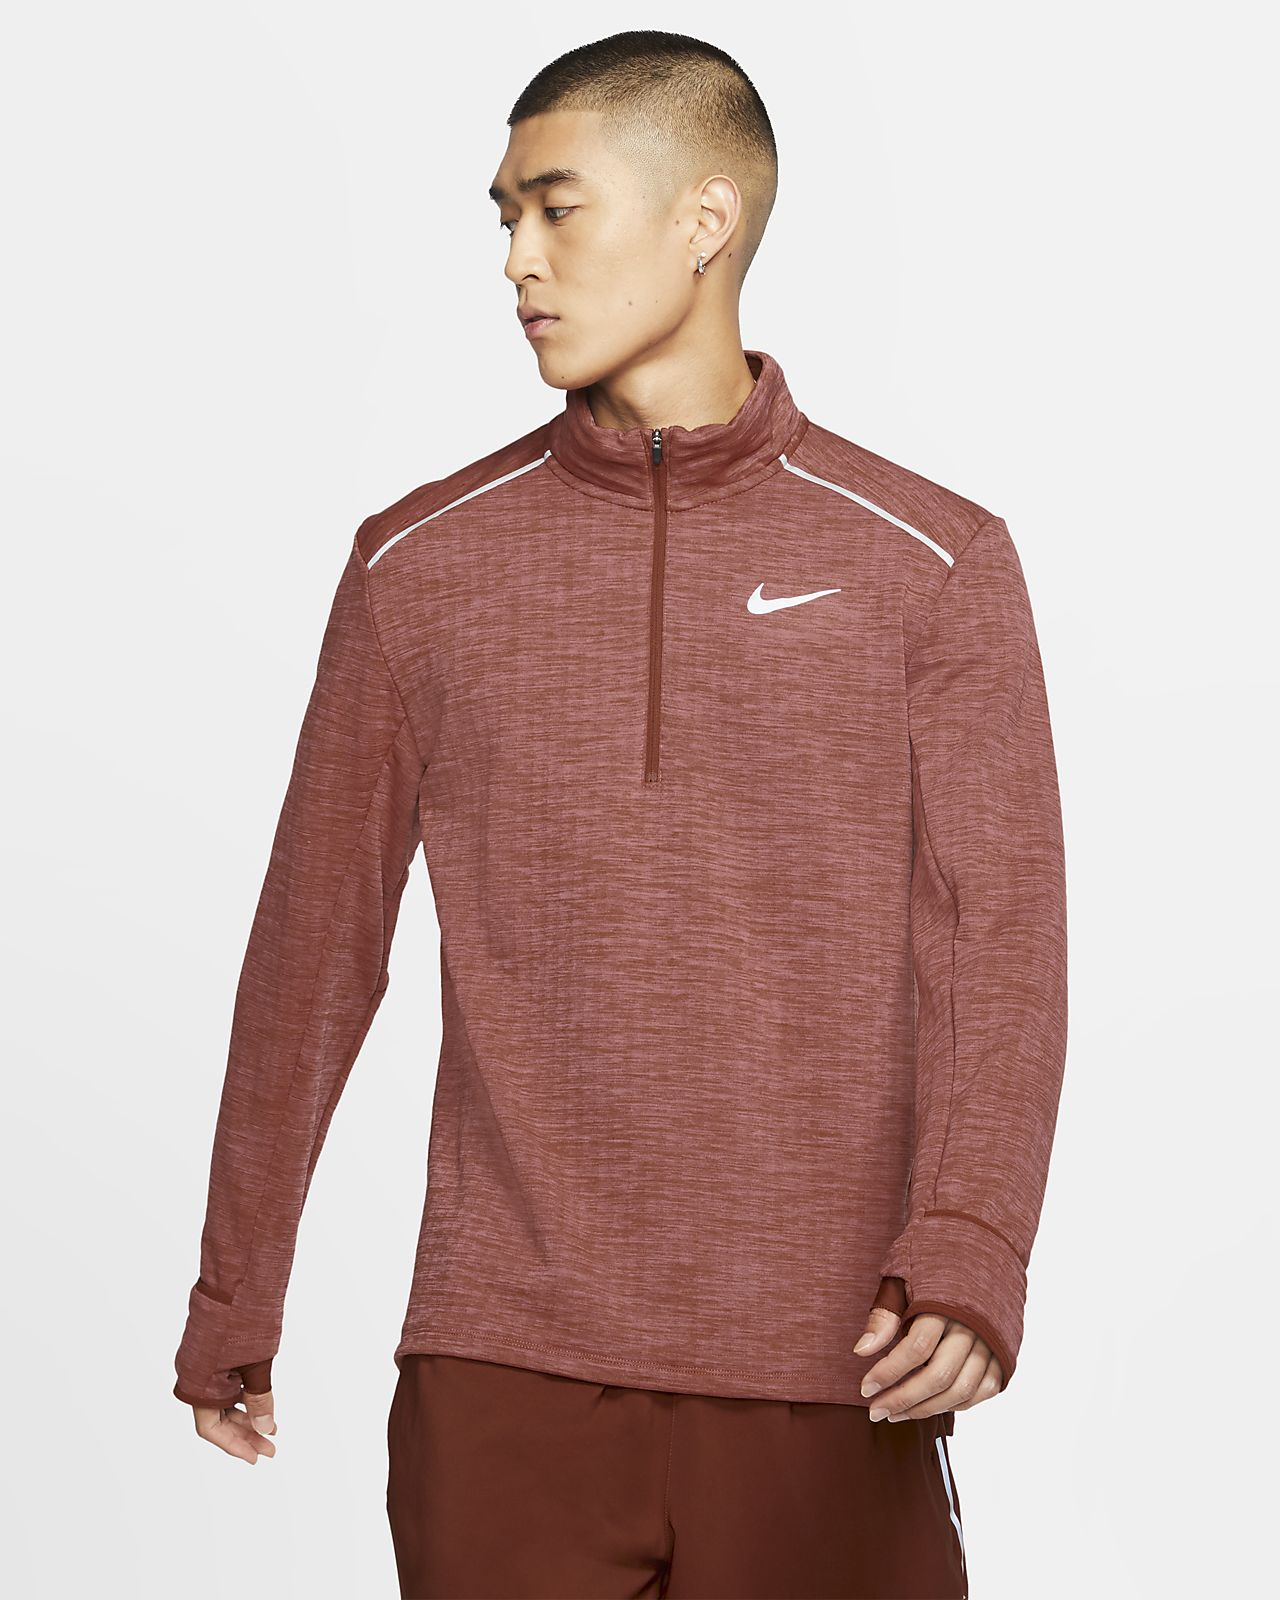 Pánské běžecké tričko Nike Therma Sphere 3.0 s polovičním zipem